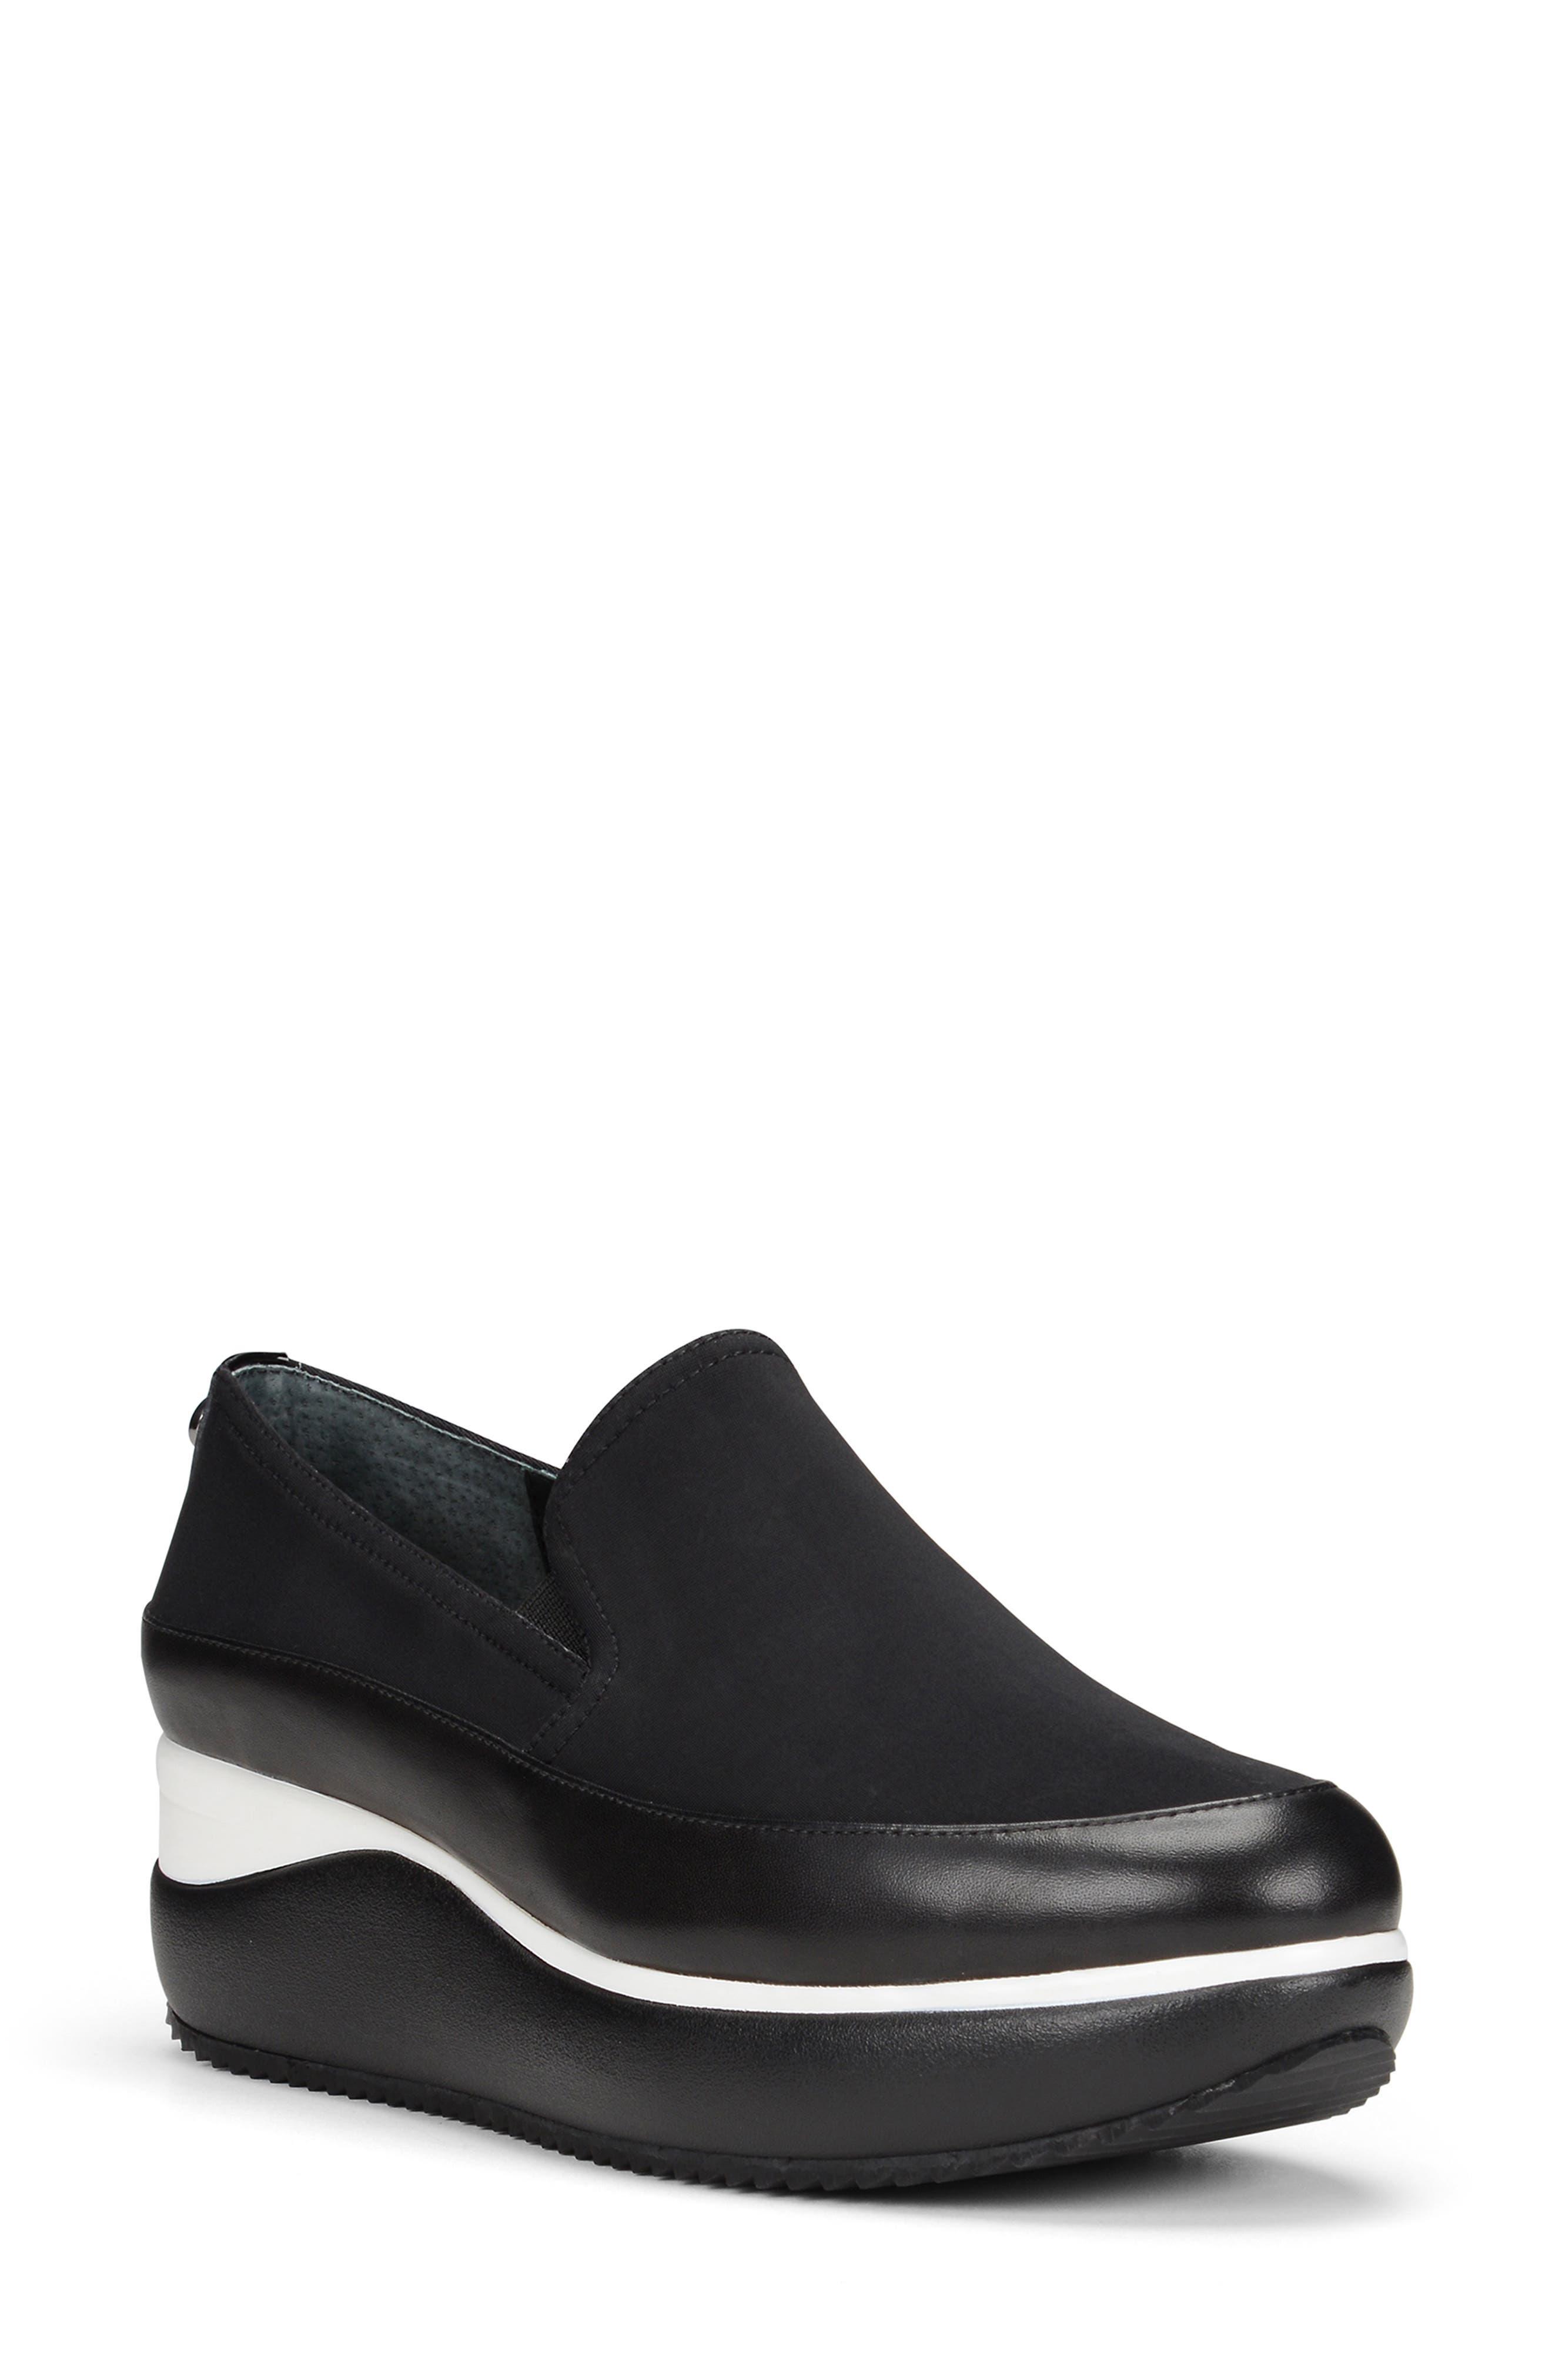 Lizzee Slip-On Platform Sneaker